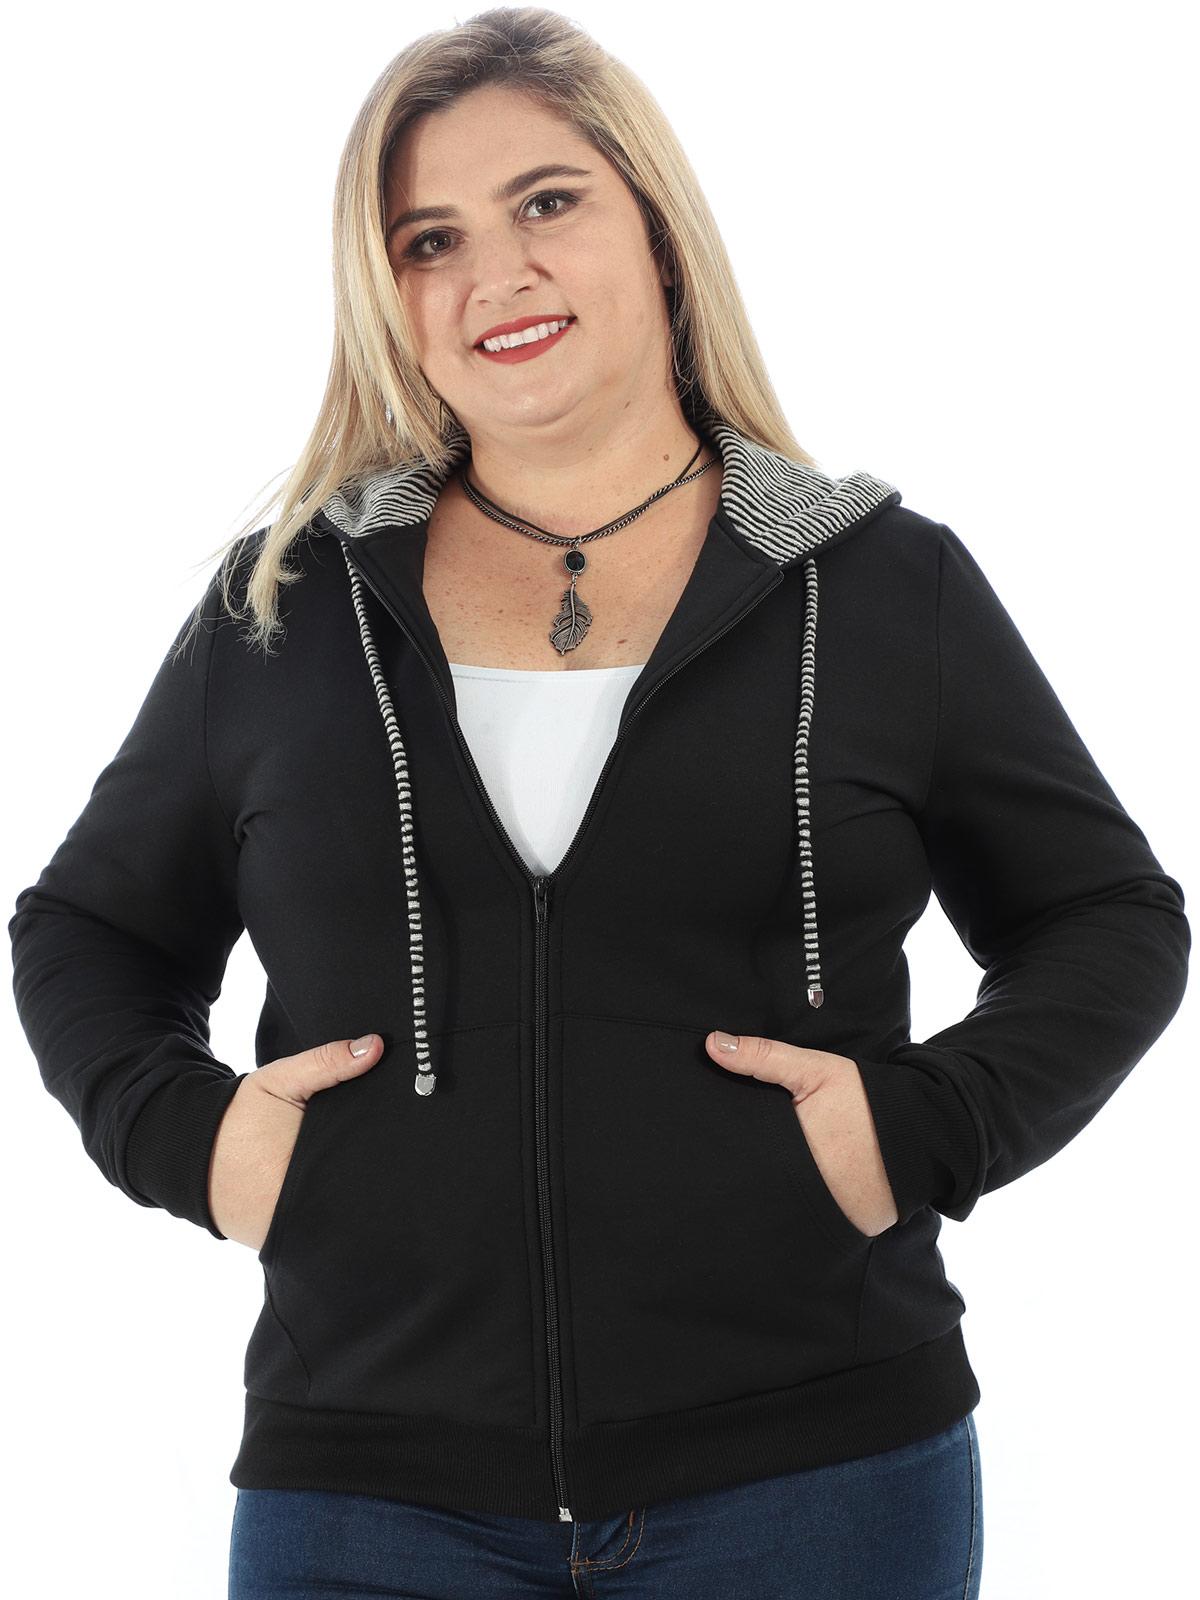 Casaco Plus Size de Moletom Forro do Capuz Listrado Preto